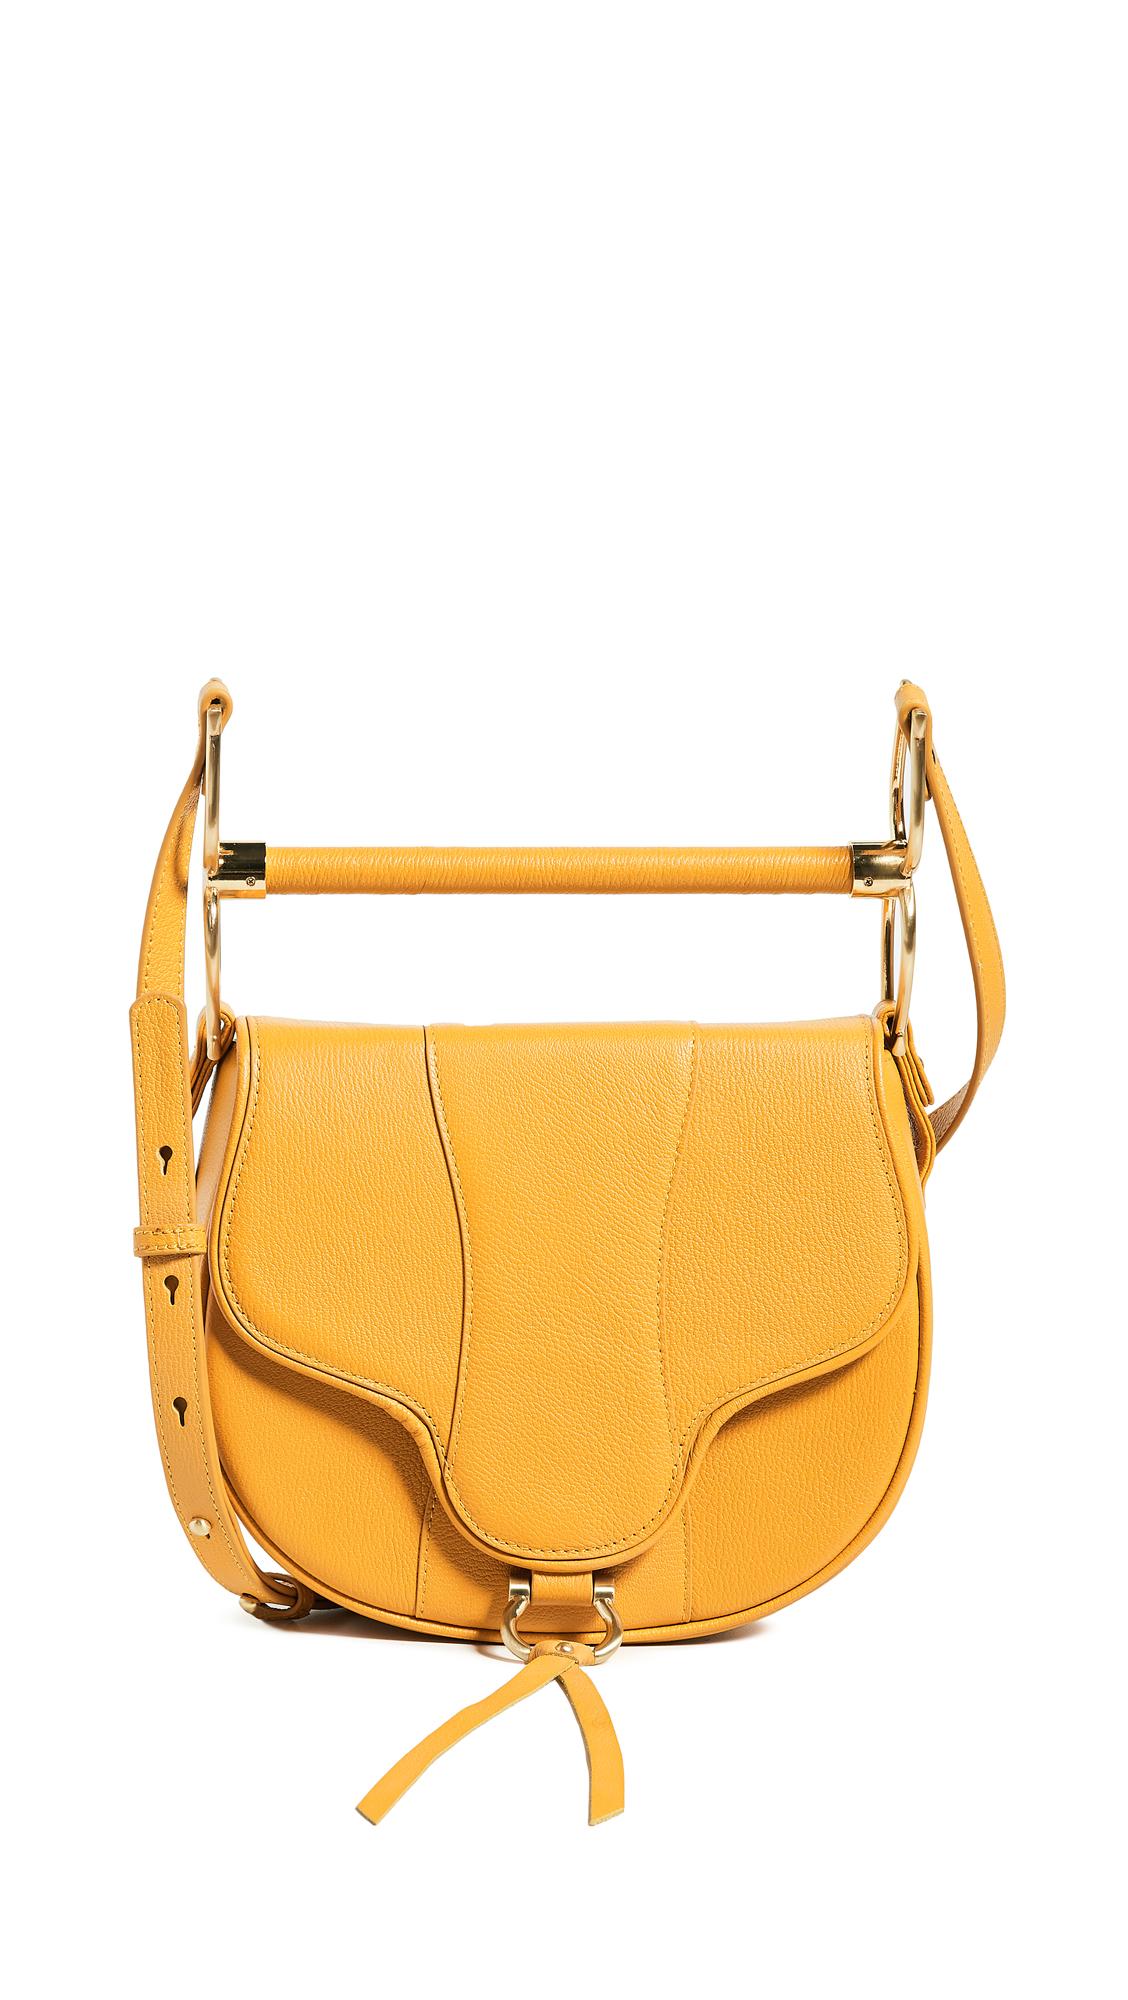 SANCIA Babylon Bar Bag in Yellow